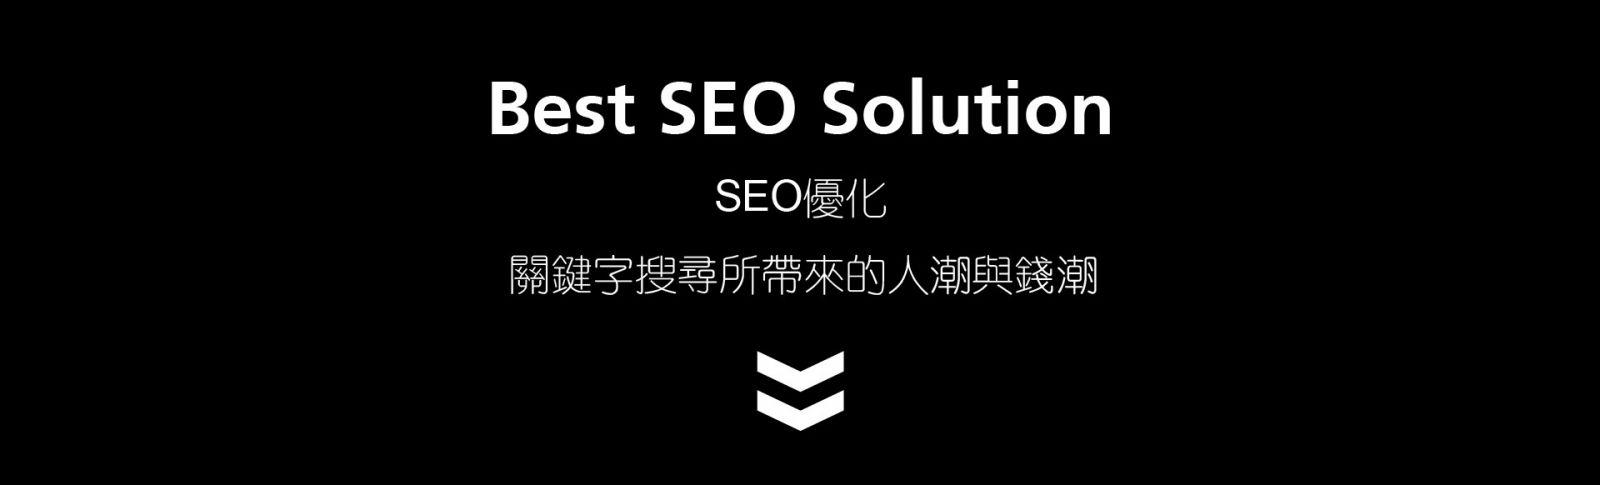 SEO優化Best SEO Solution  關鍵字搜尋所帶來的人潮與錢潮 提升網站流量 / 企業形象 增加網路曝光率 / 瀏覽人數 有效運用區域整合提高銷售 關鍵字帶來的效益